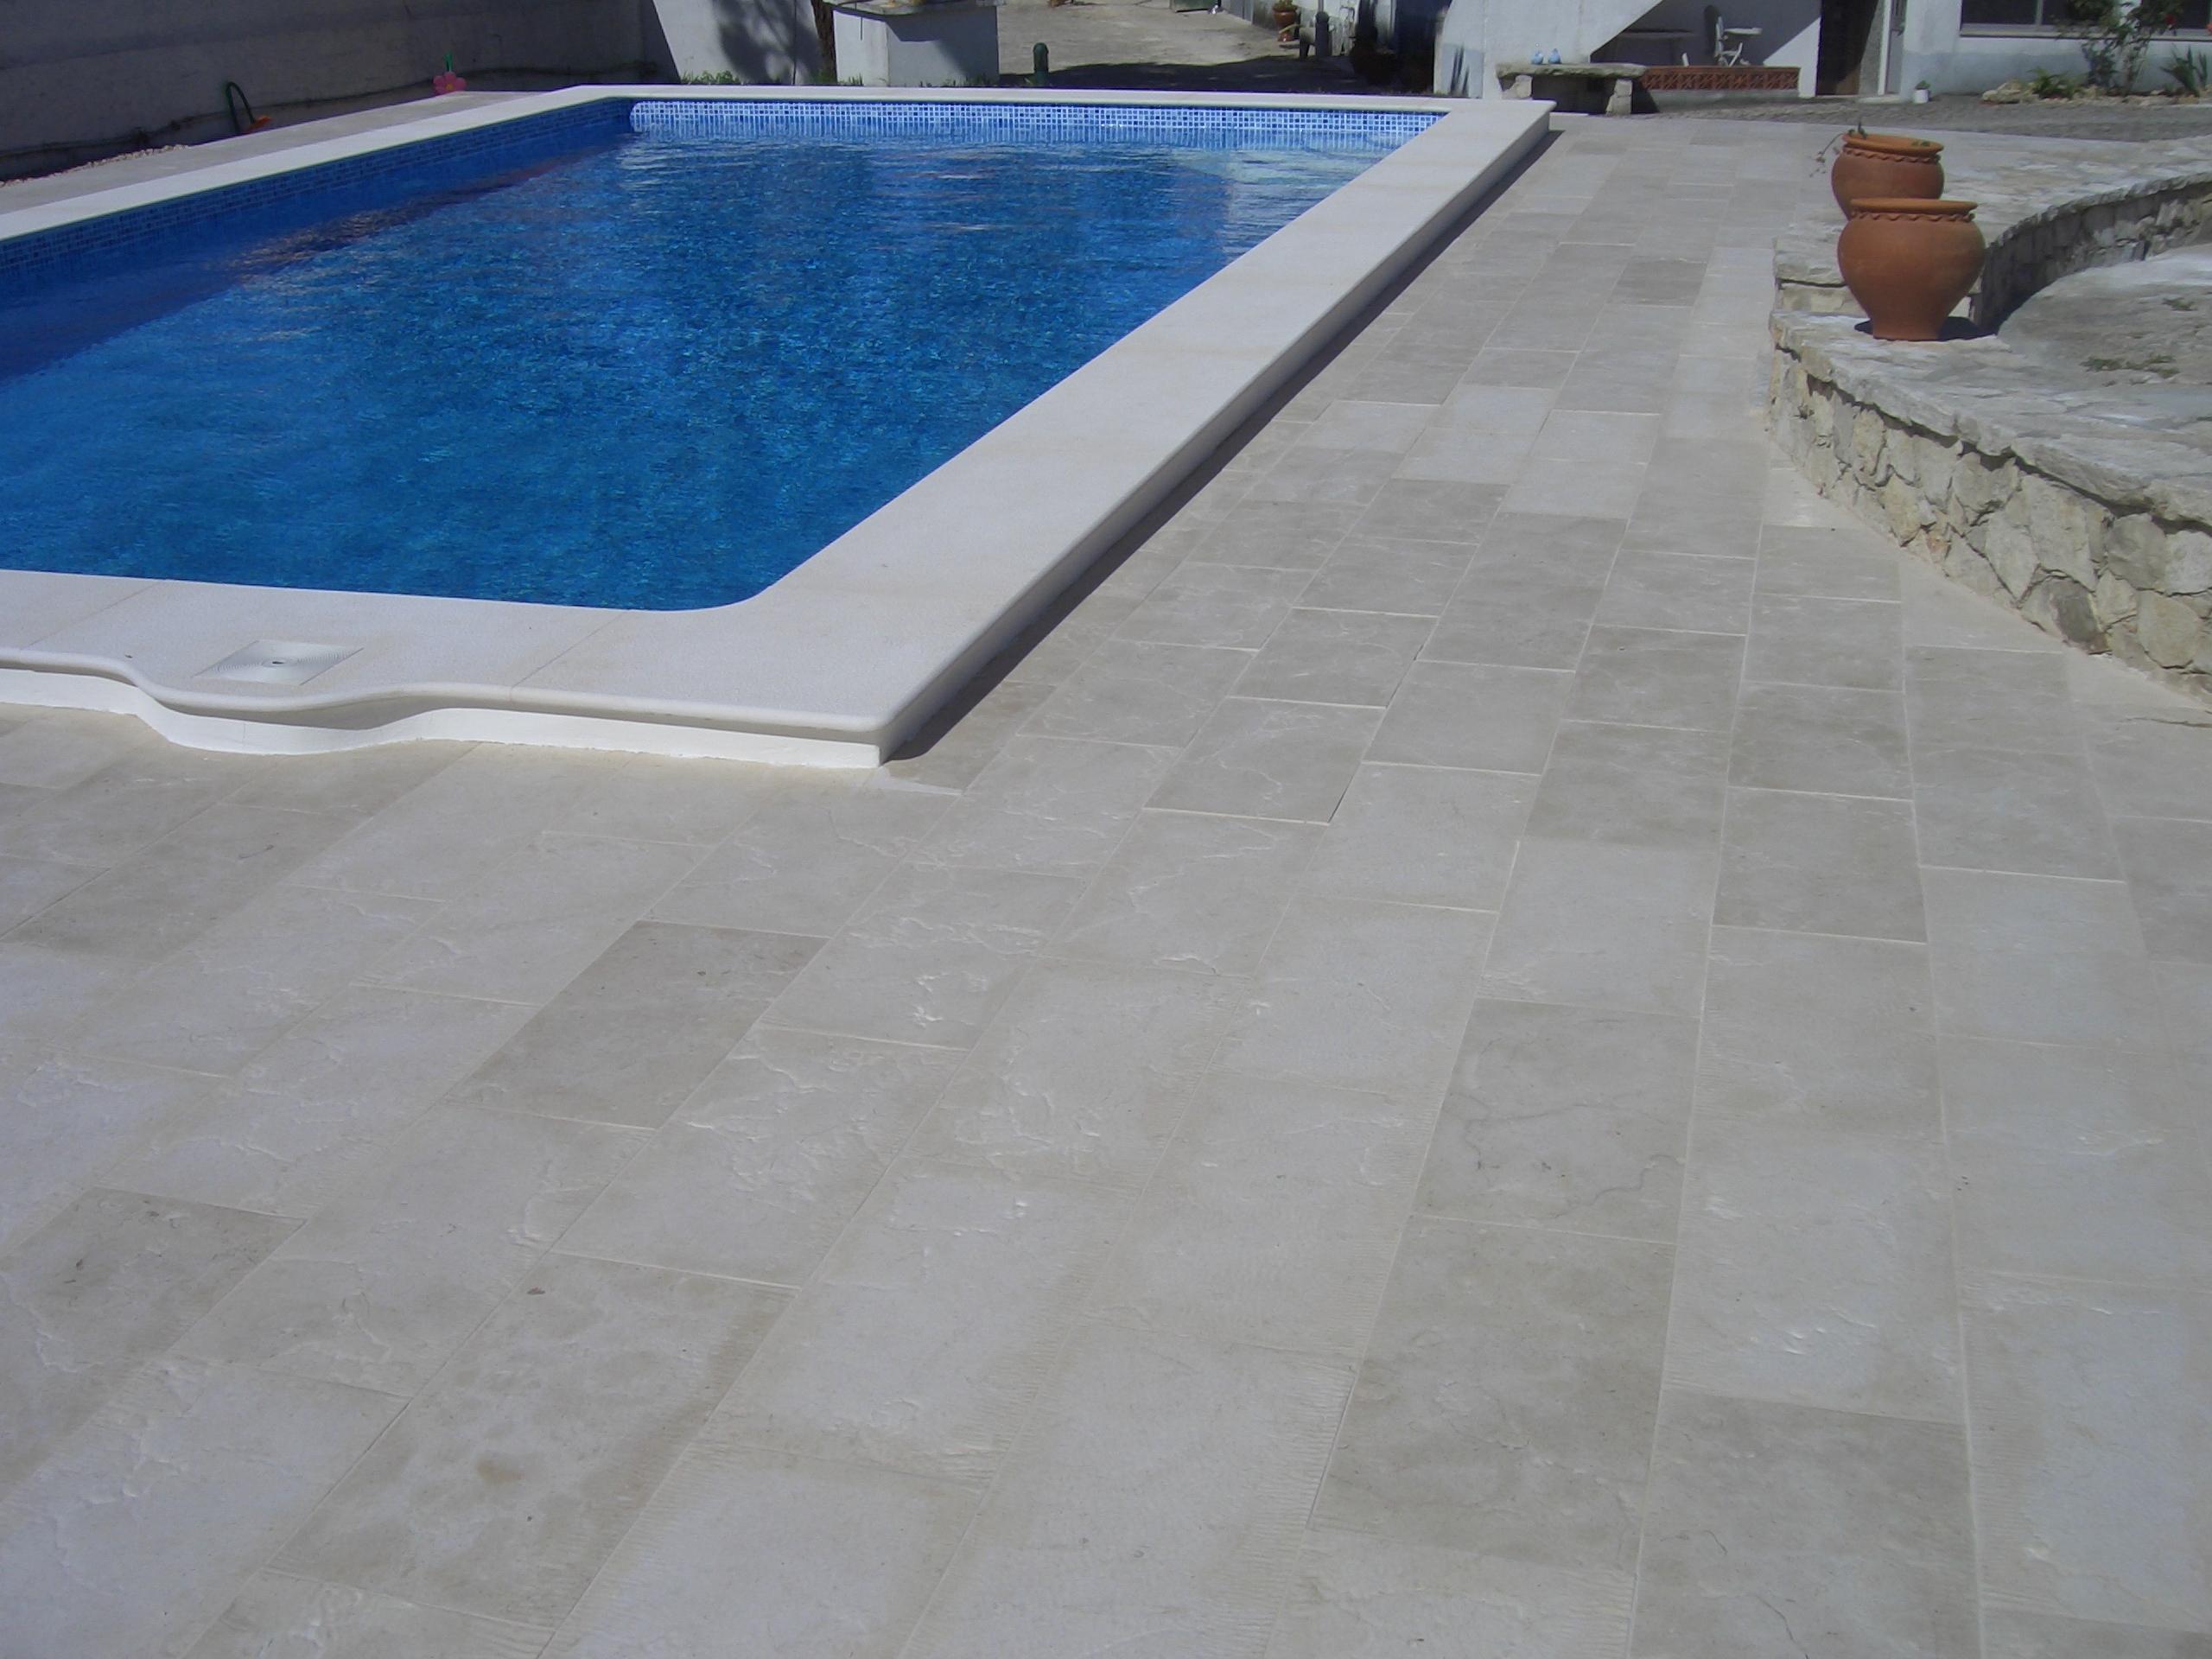 moderno pavimento para piscinas motivo ideas de